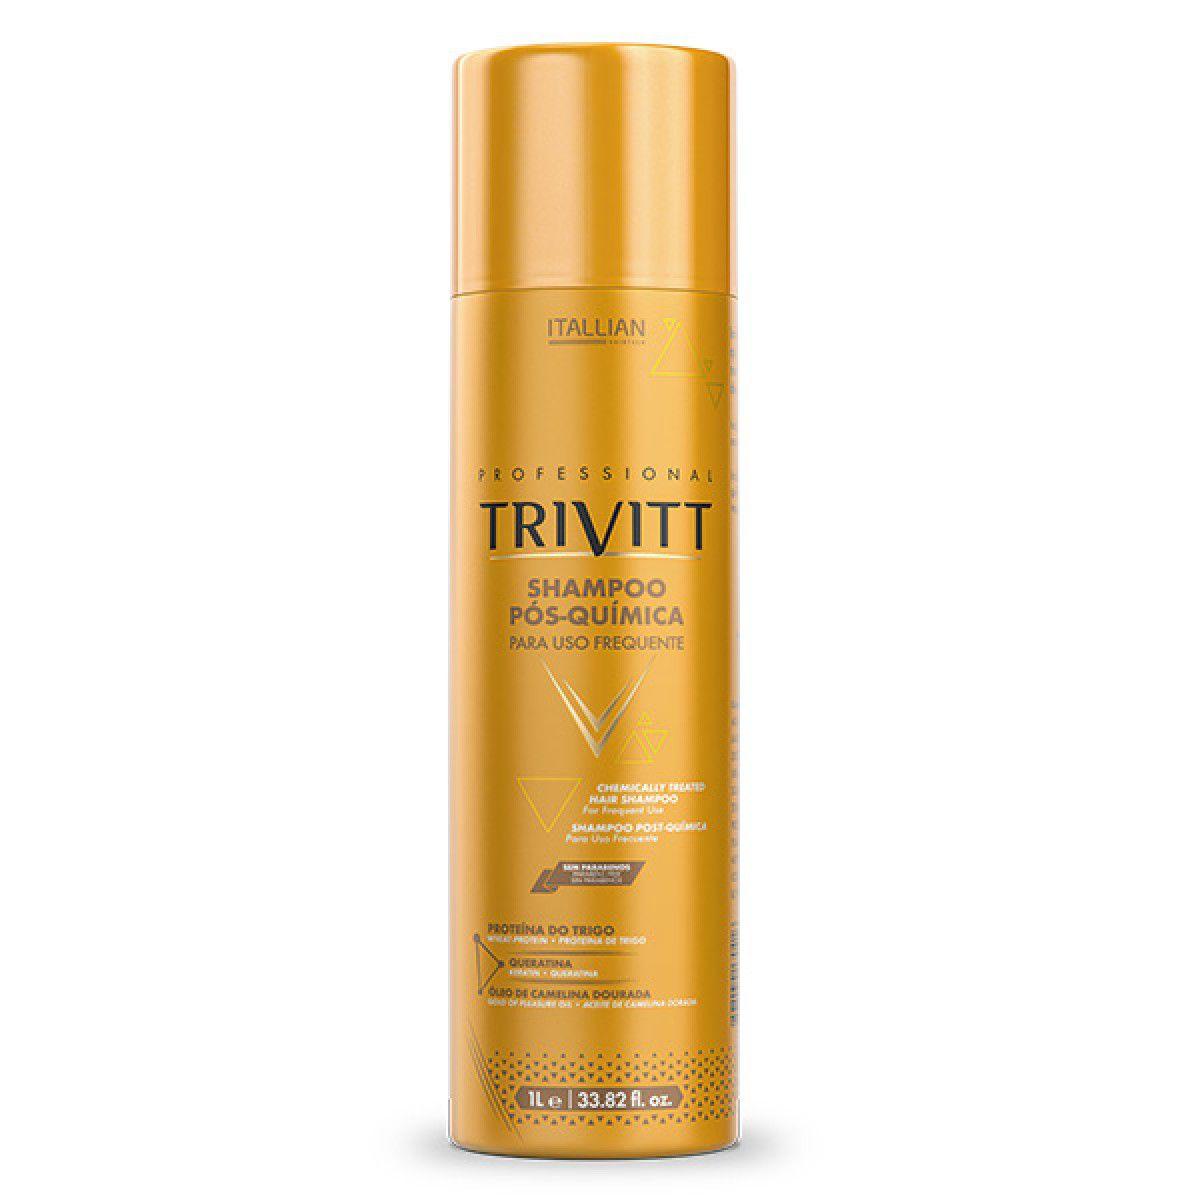 Shampoo Pós-Química para uso frequente 1L Trivitt